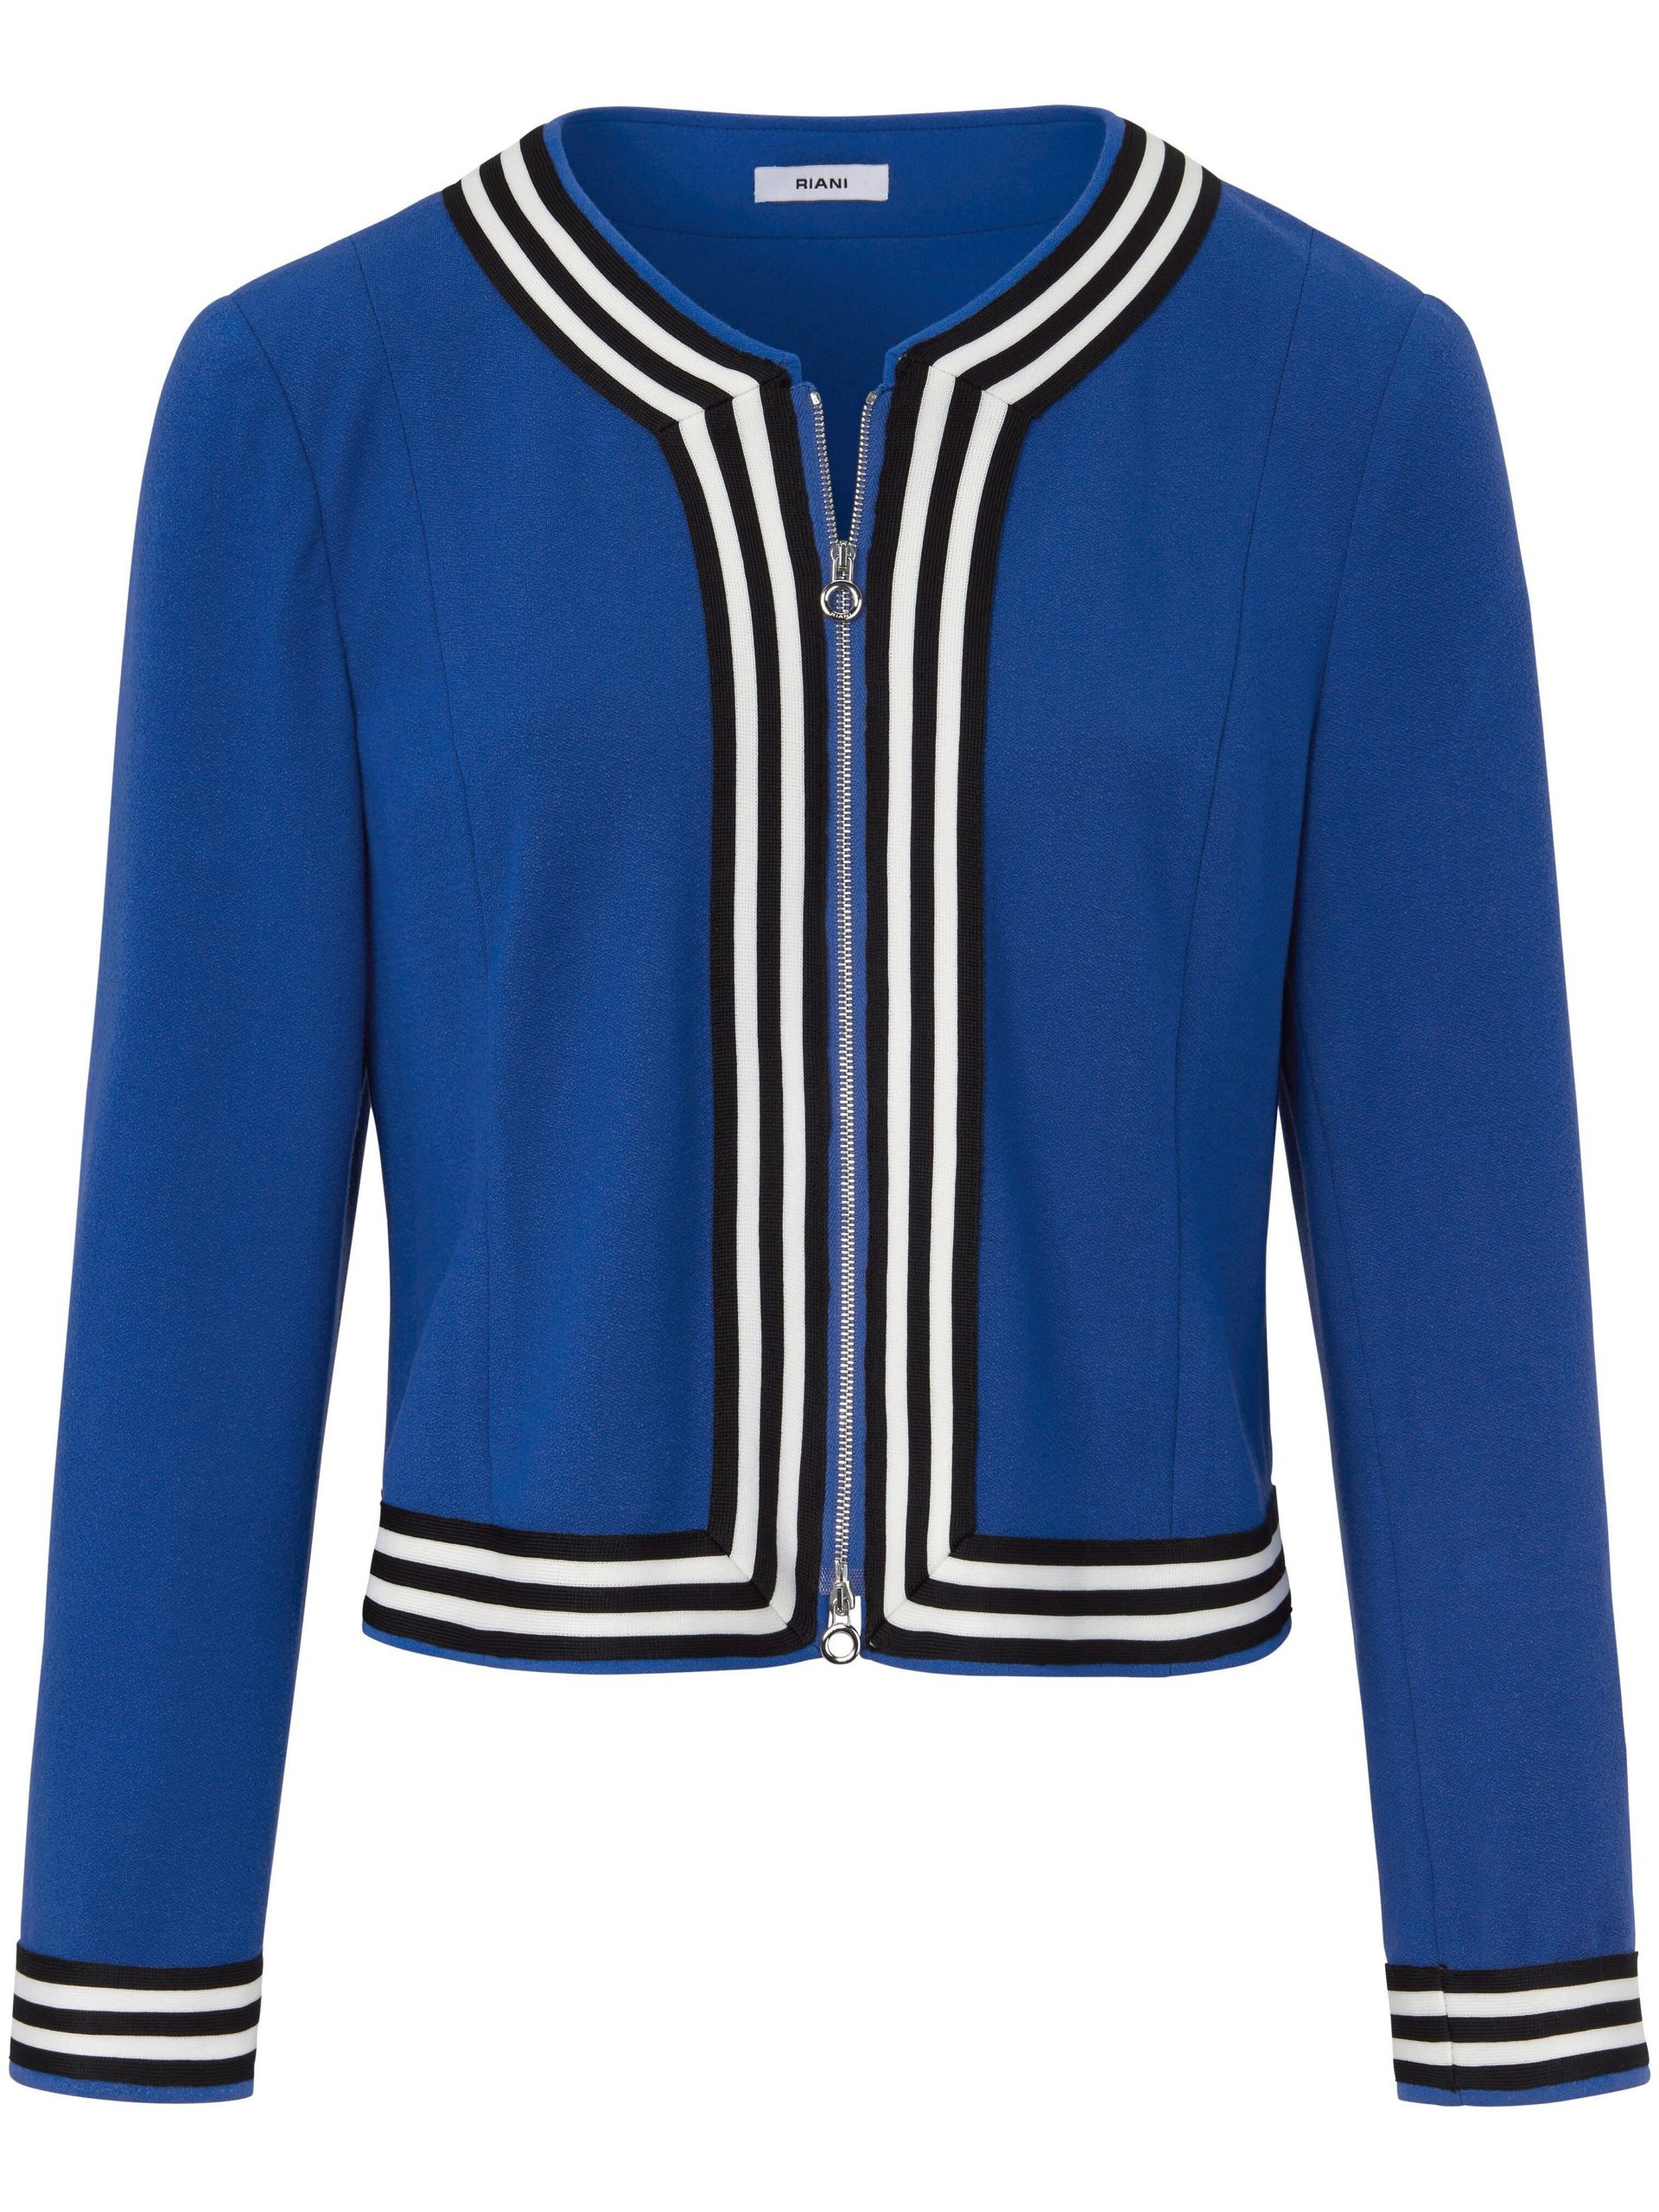 Jerseyblouson Van Riani blauw Kopen